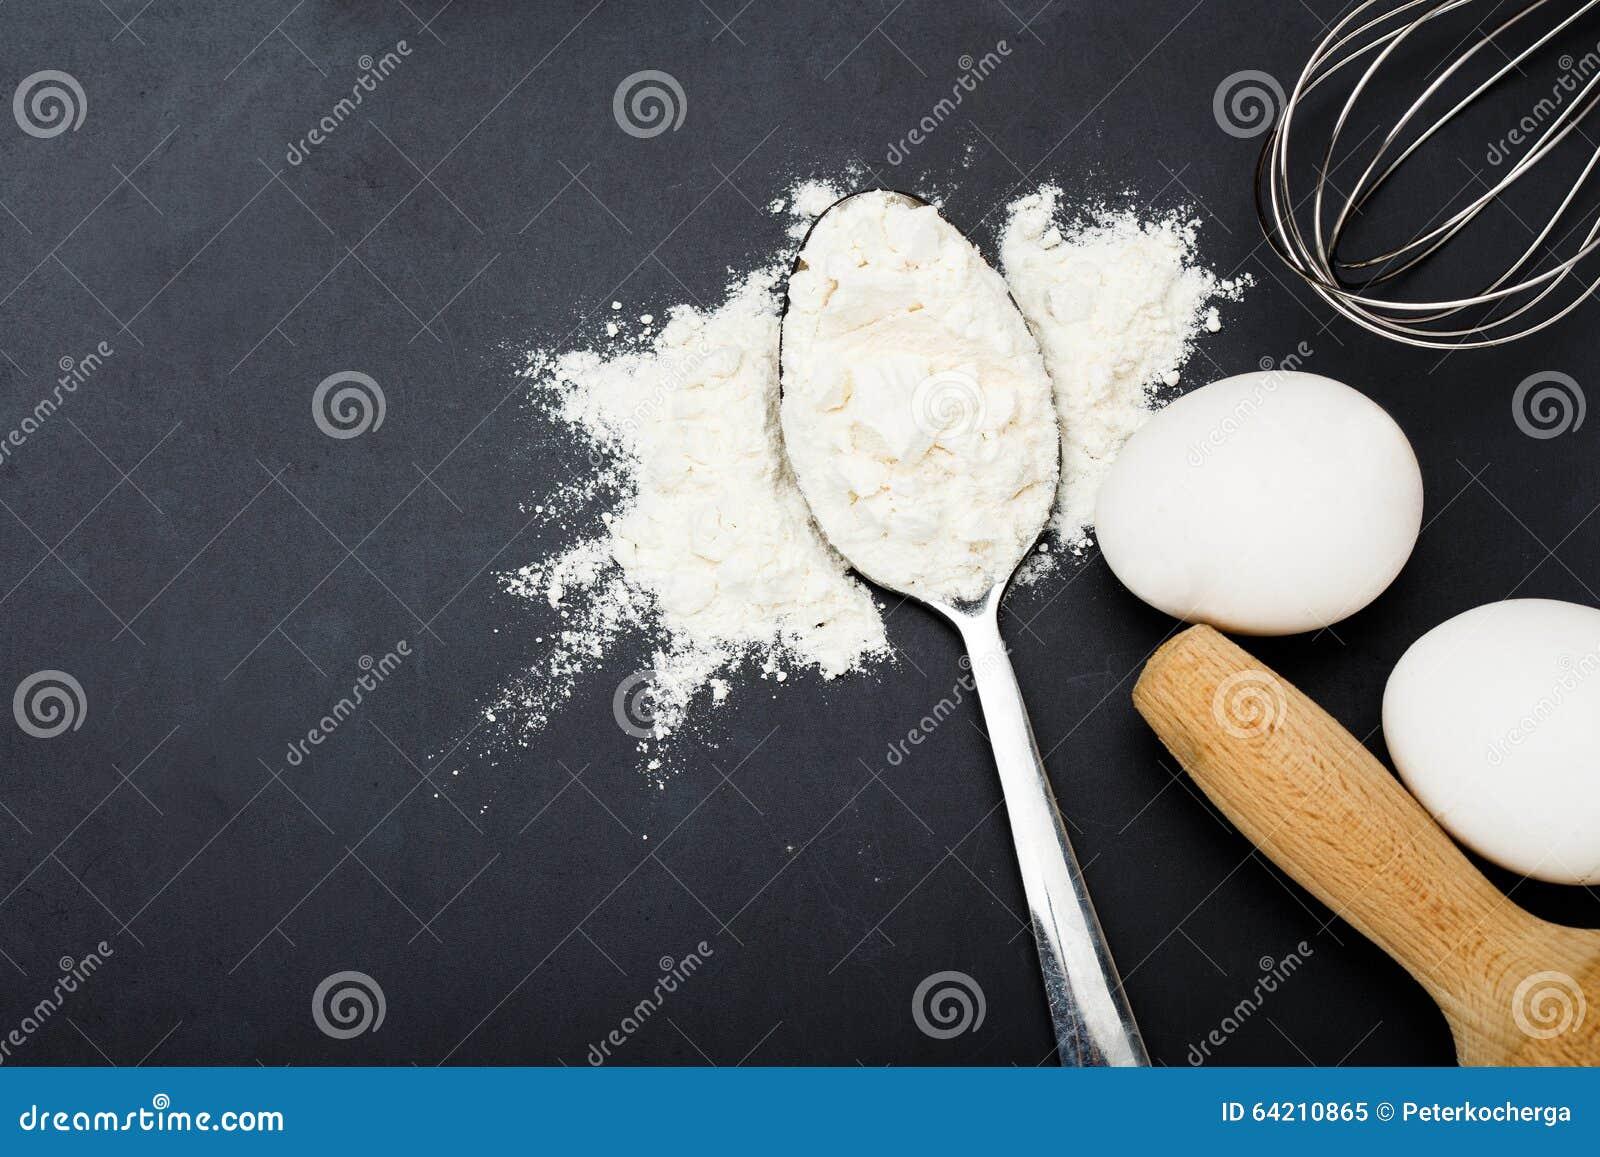 Harina blanca y huevos en la tabla negra